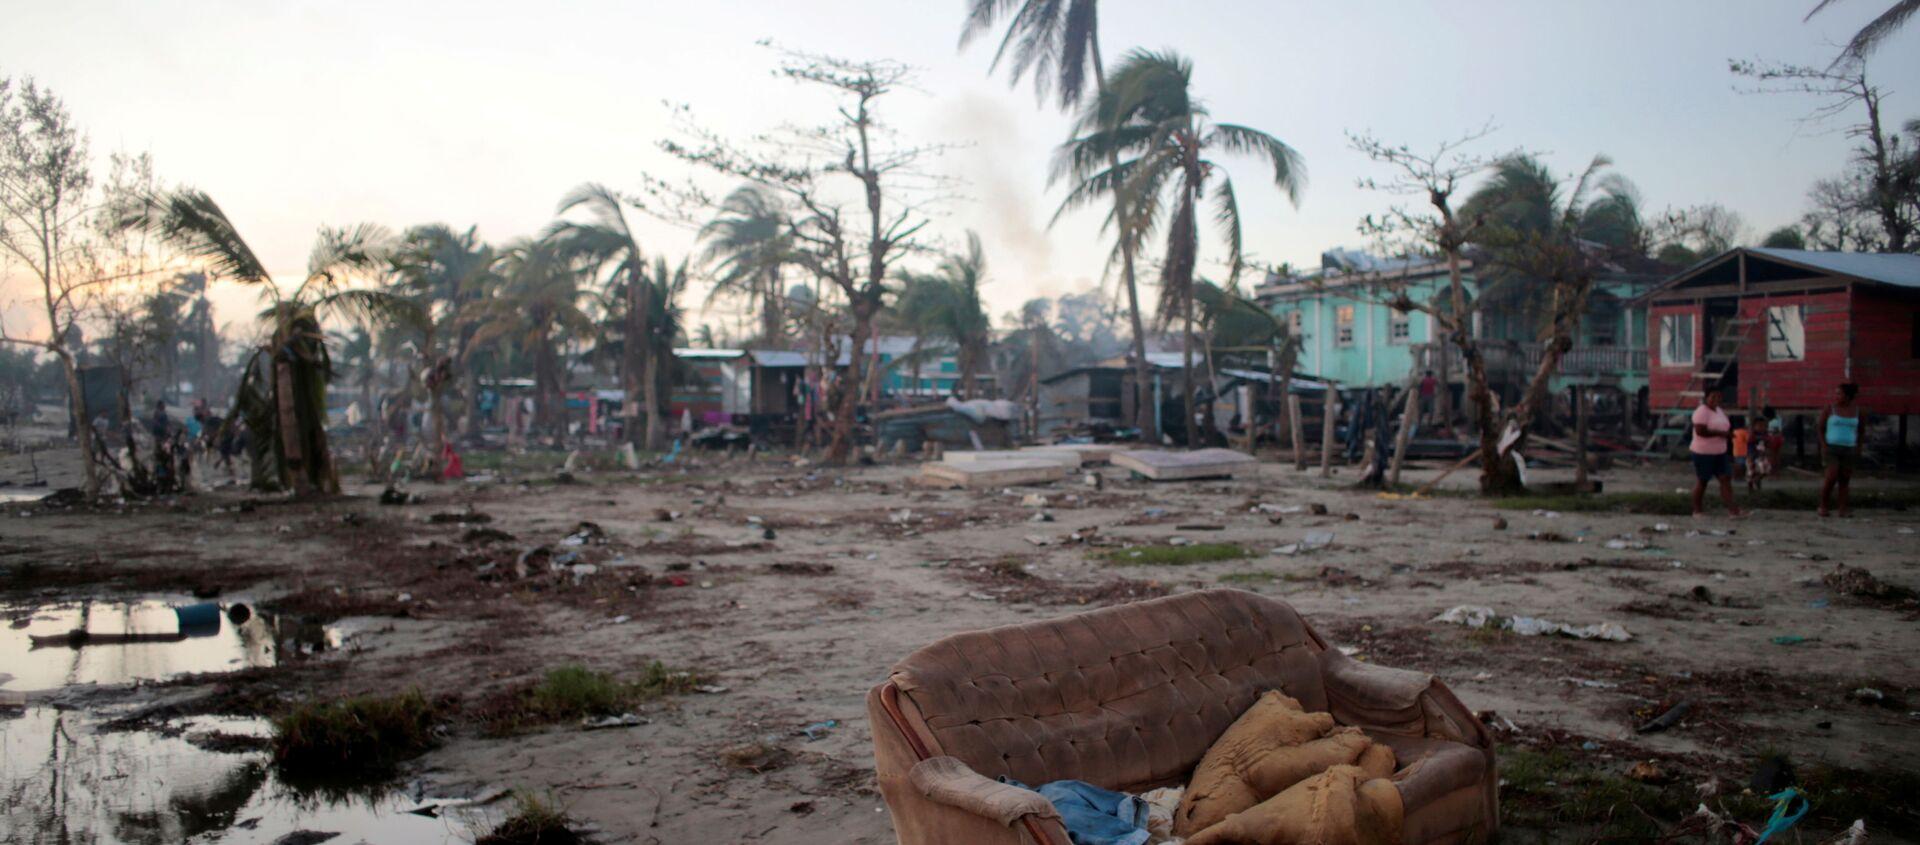 La ciudad de Bilwi, Nicaragua, tras el paso del huracán Iota - Sputnik Mundo, 1920, 26.12.2020